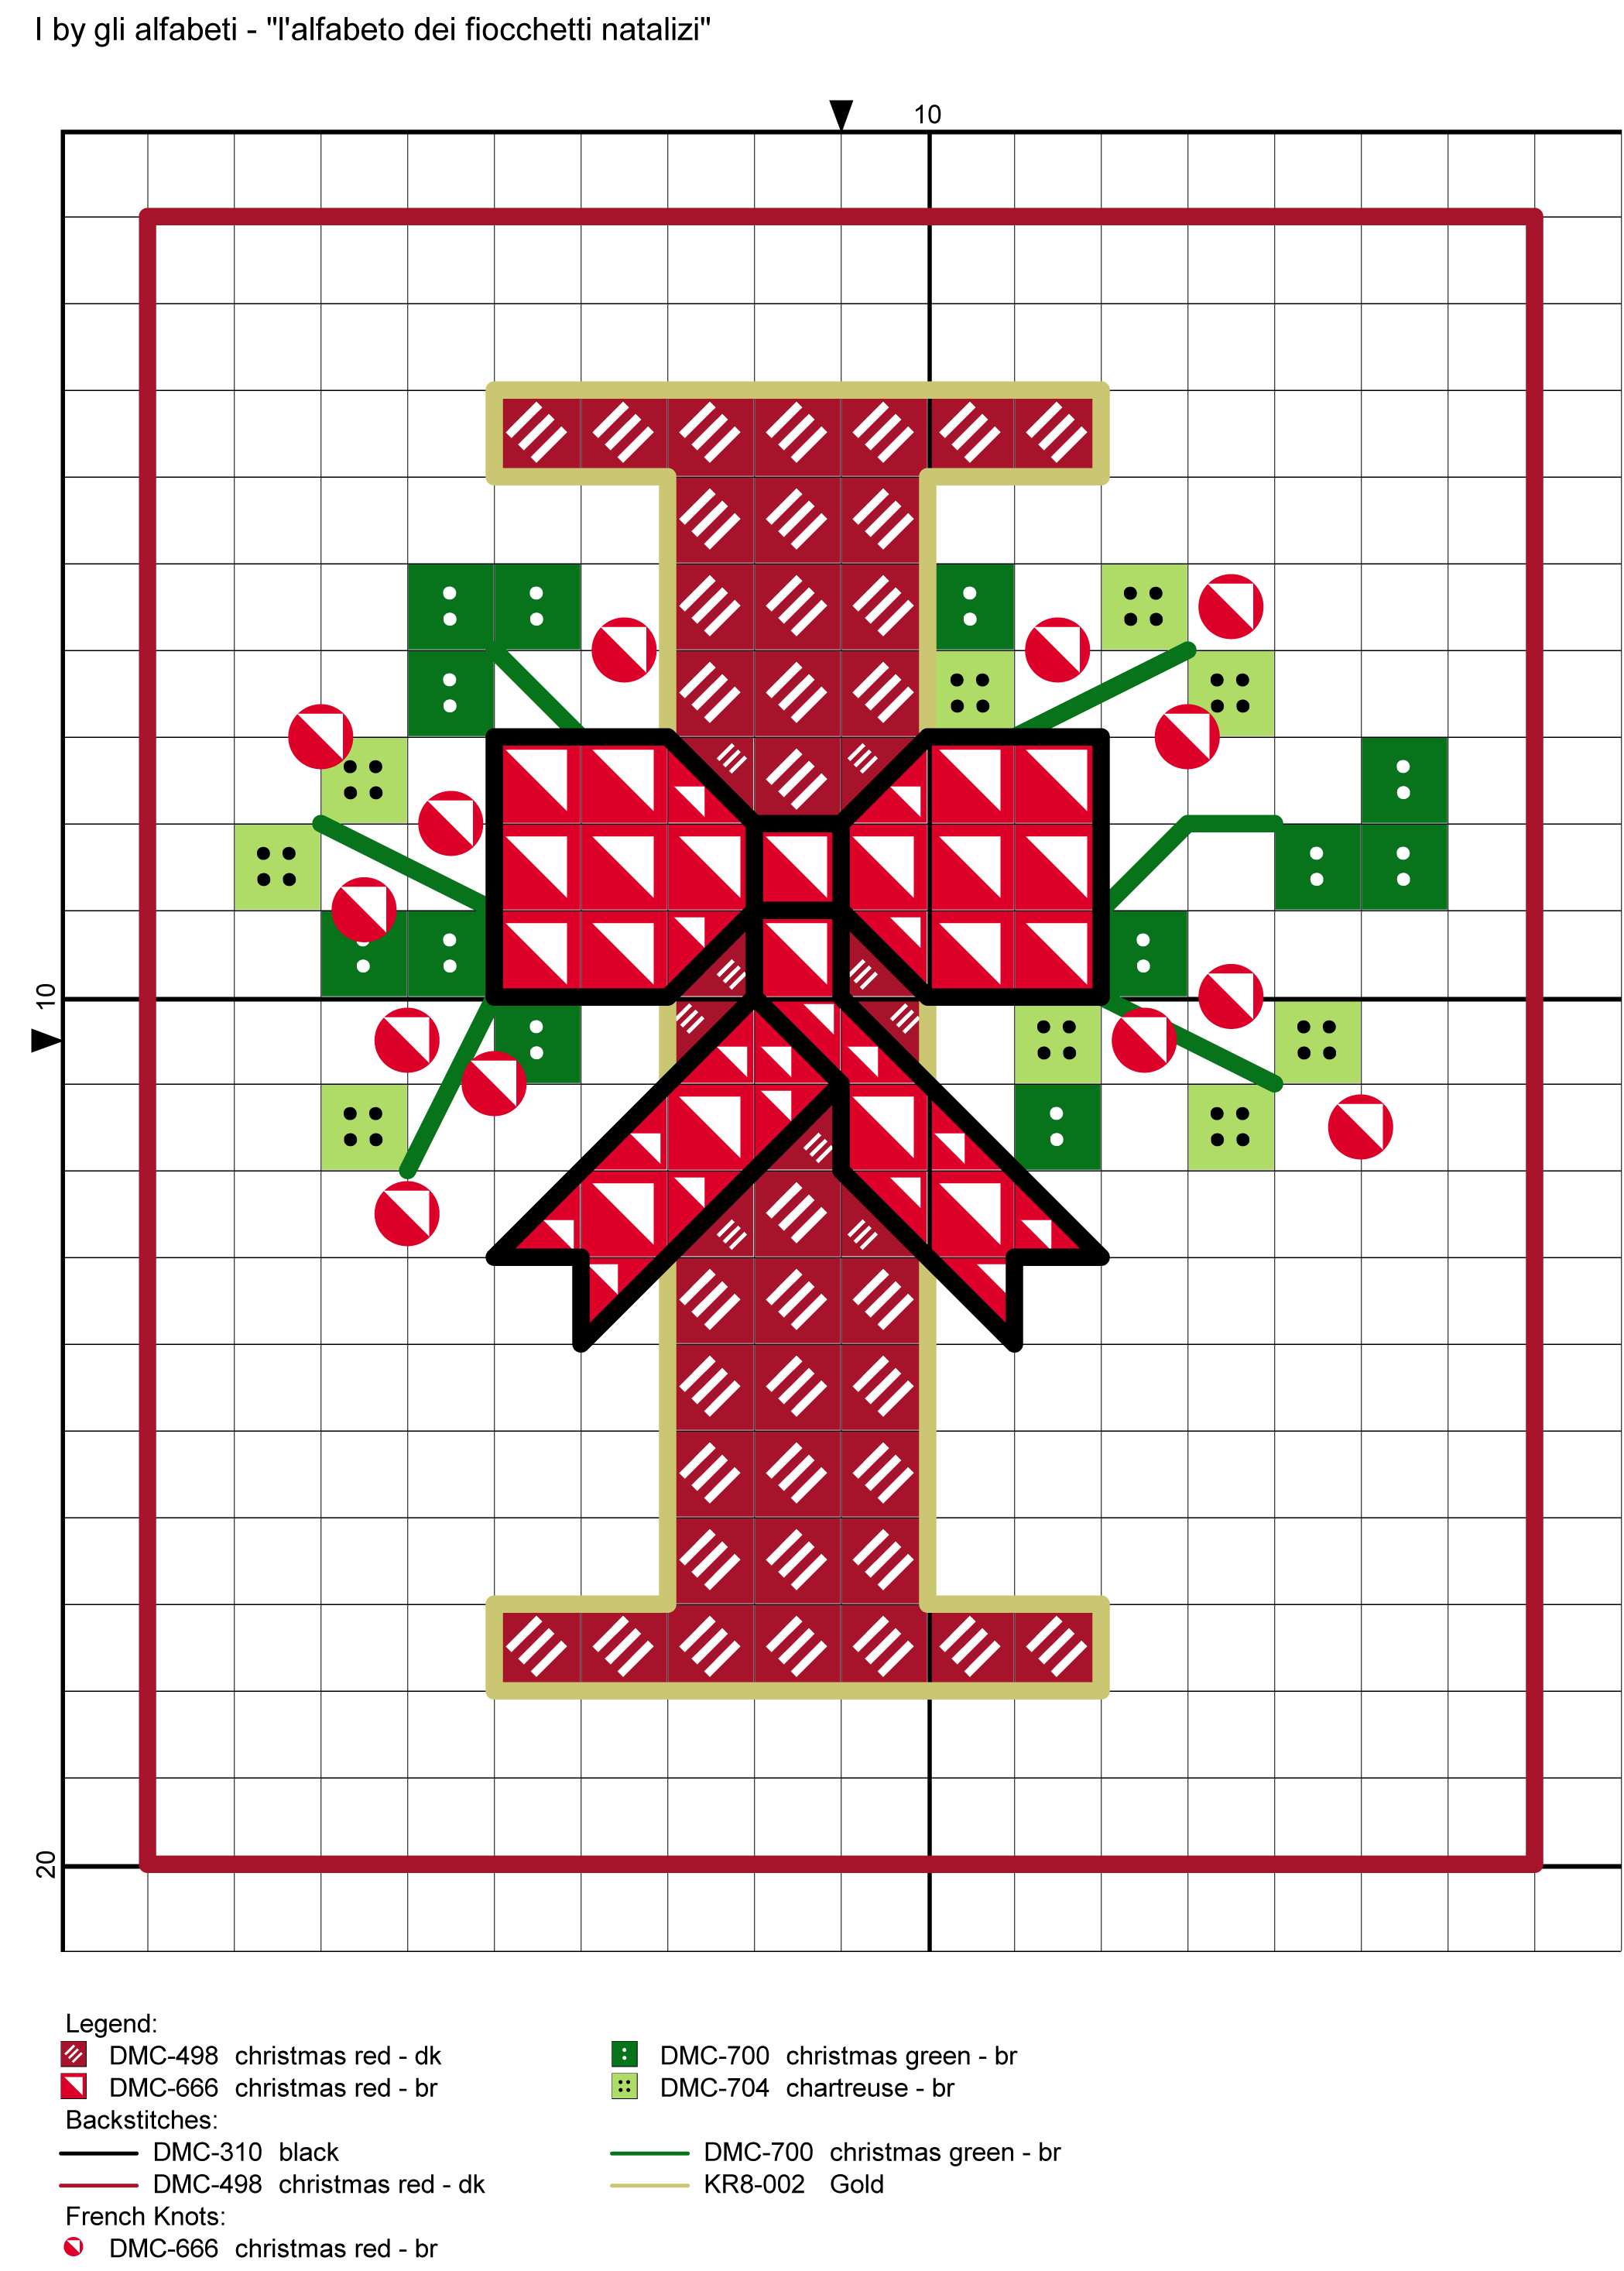 alfabeto dei fiocchetti natalizi I | Christmas Needlwork | Pinterest ...